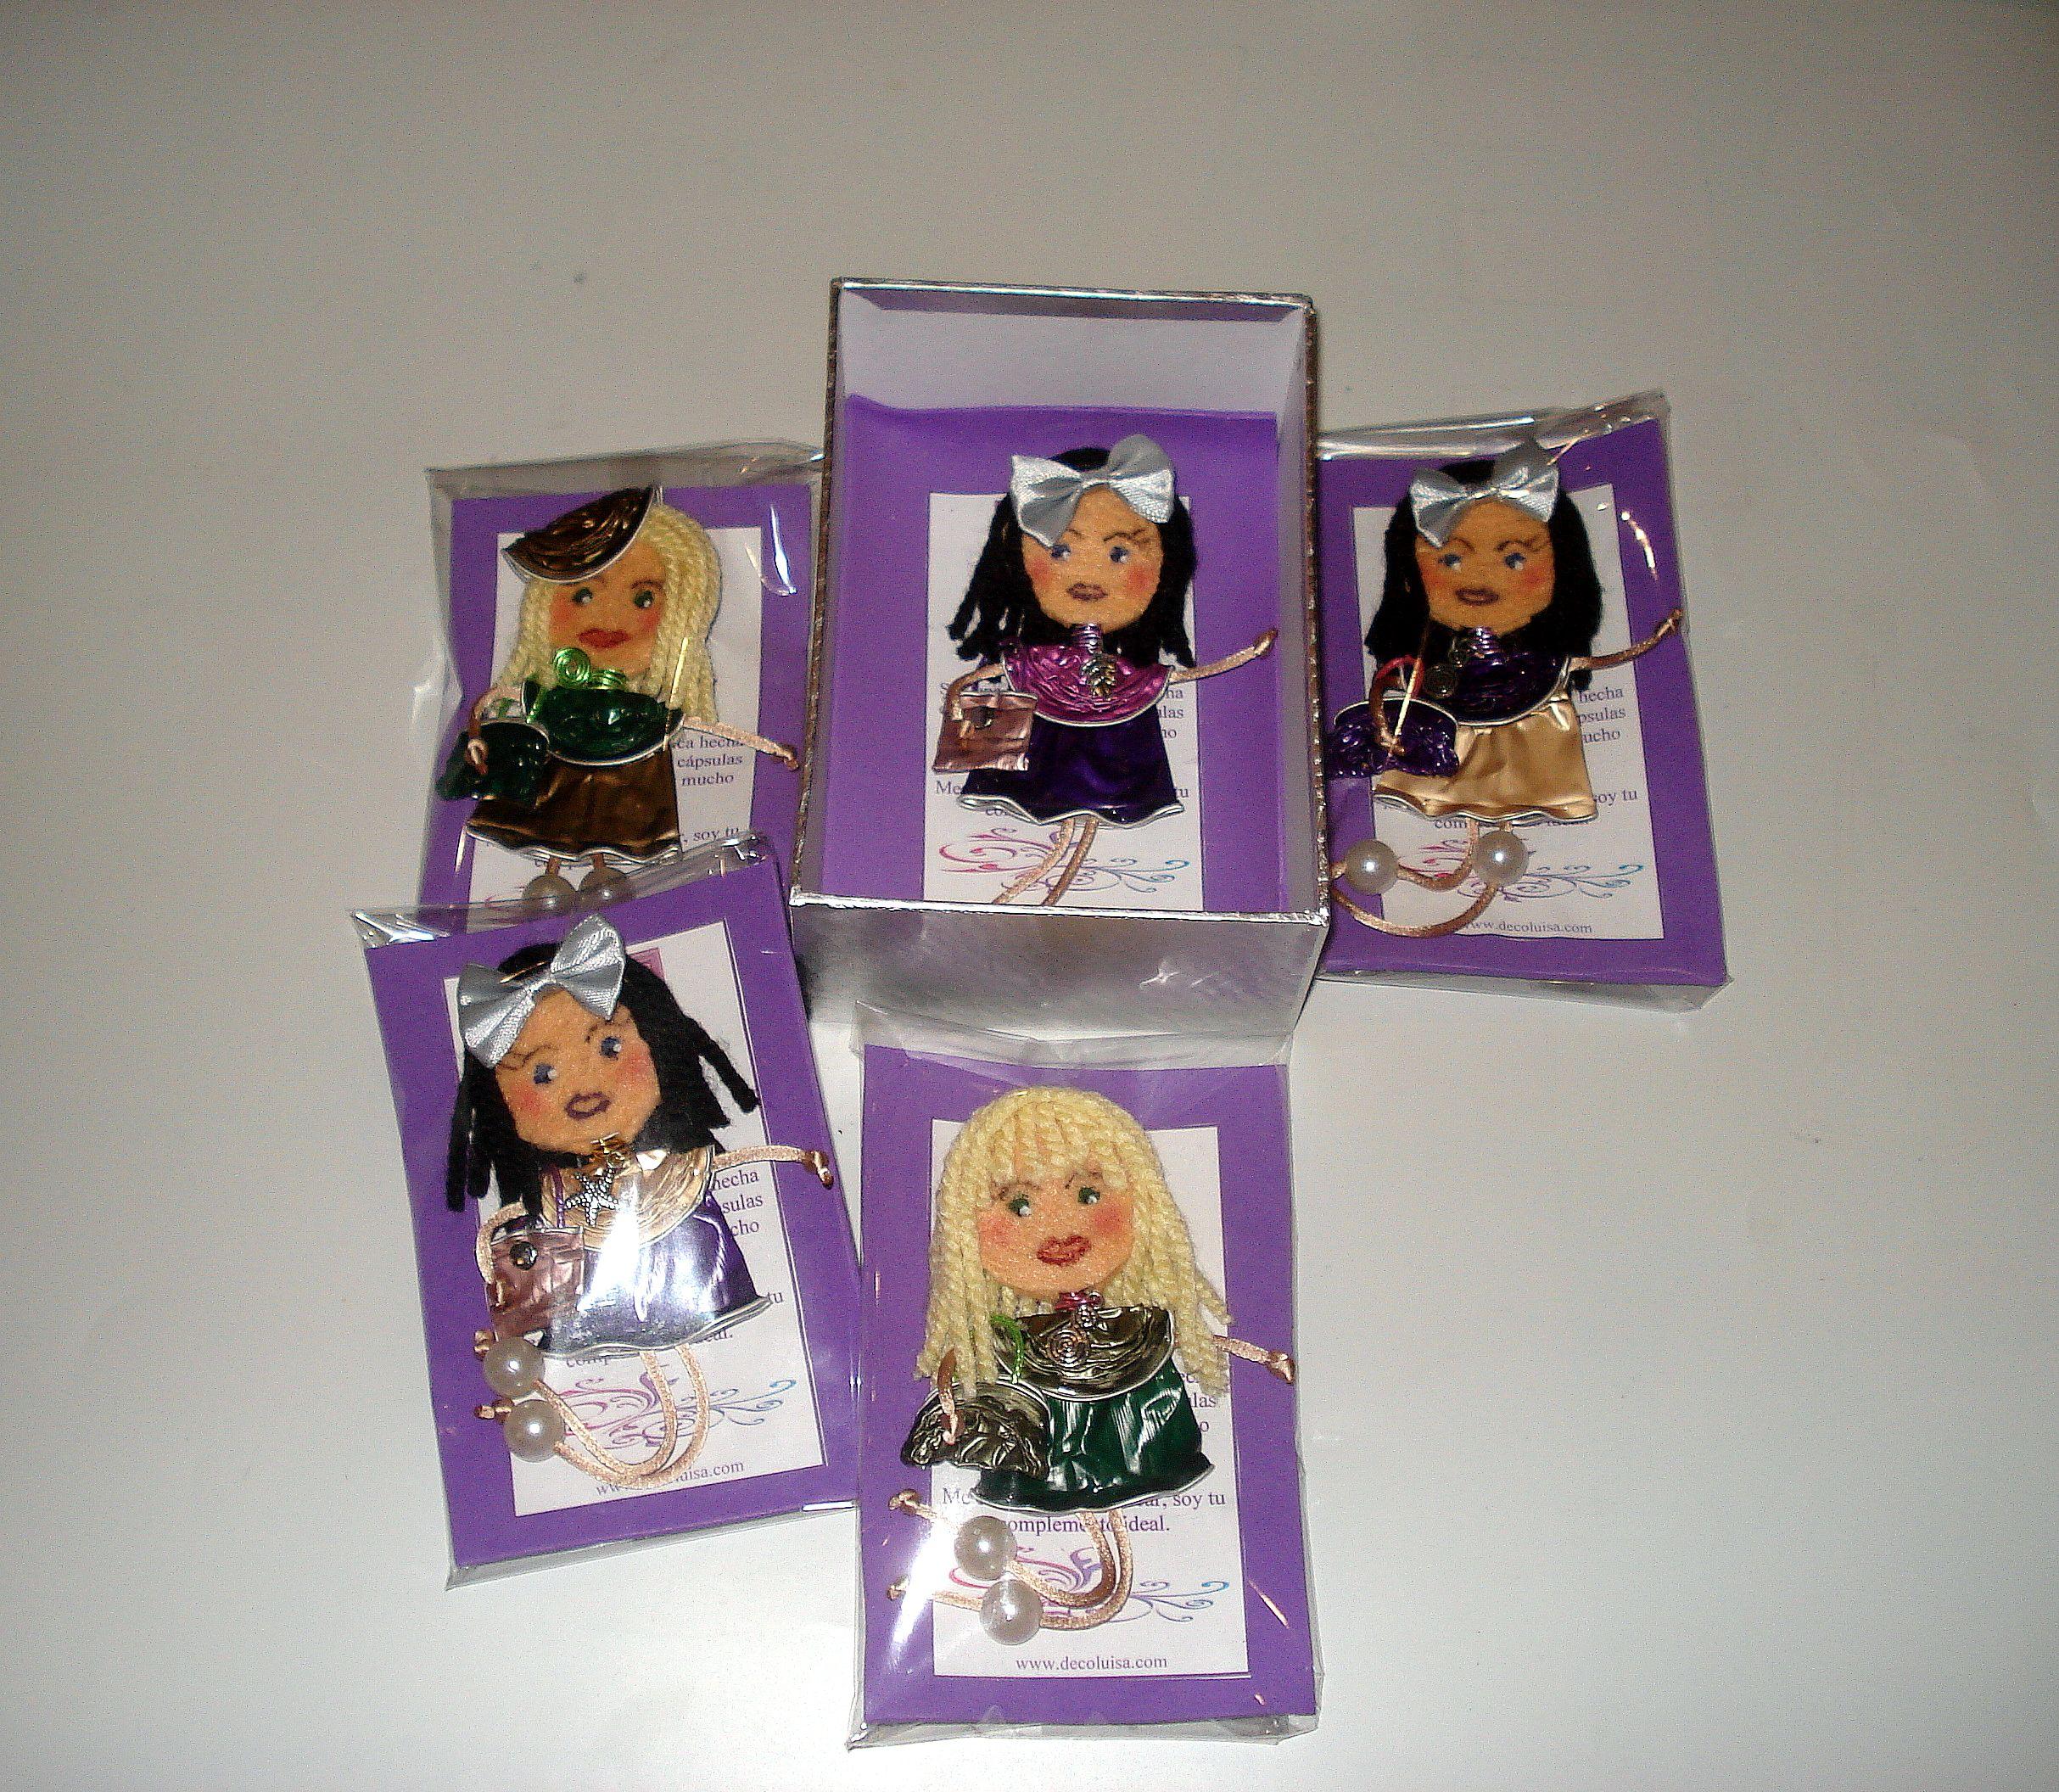 Encargo de Georginas De Luxe para 5 amigas.  Estas muñecas están hechas con cápsulas de nespresso y fieltro. Se hacen por encargo. Ideales como detalles de invitadas en cualguier tipo de evento. Aviso estas muñecas no se pueden copiar, están registradas.